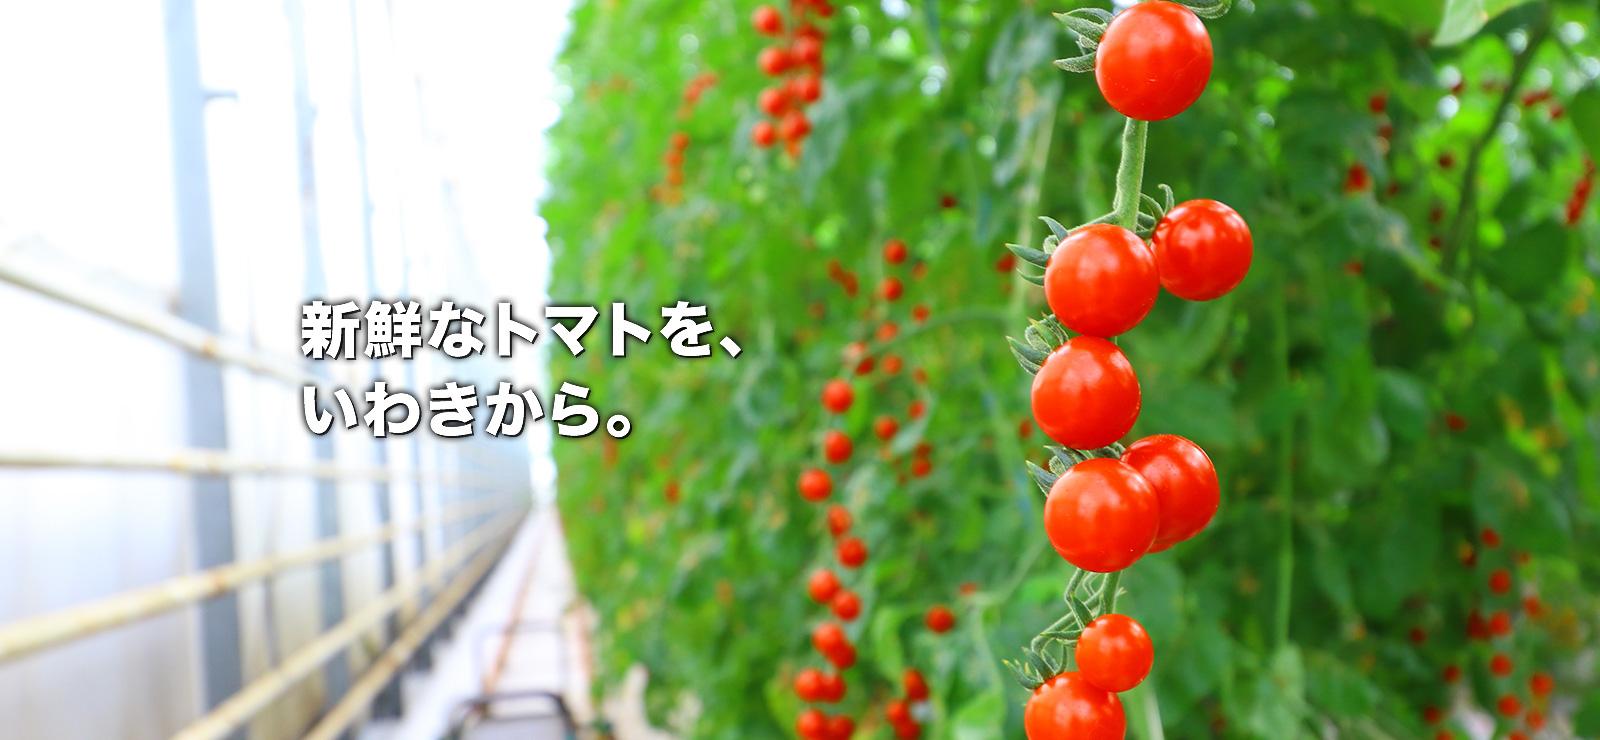 新鮮なトマトを、いわきから。